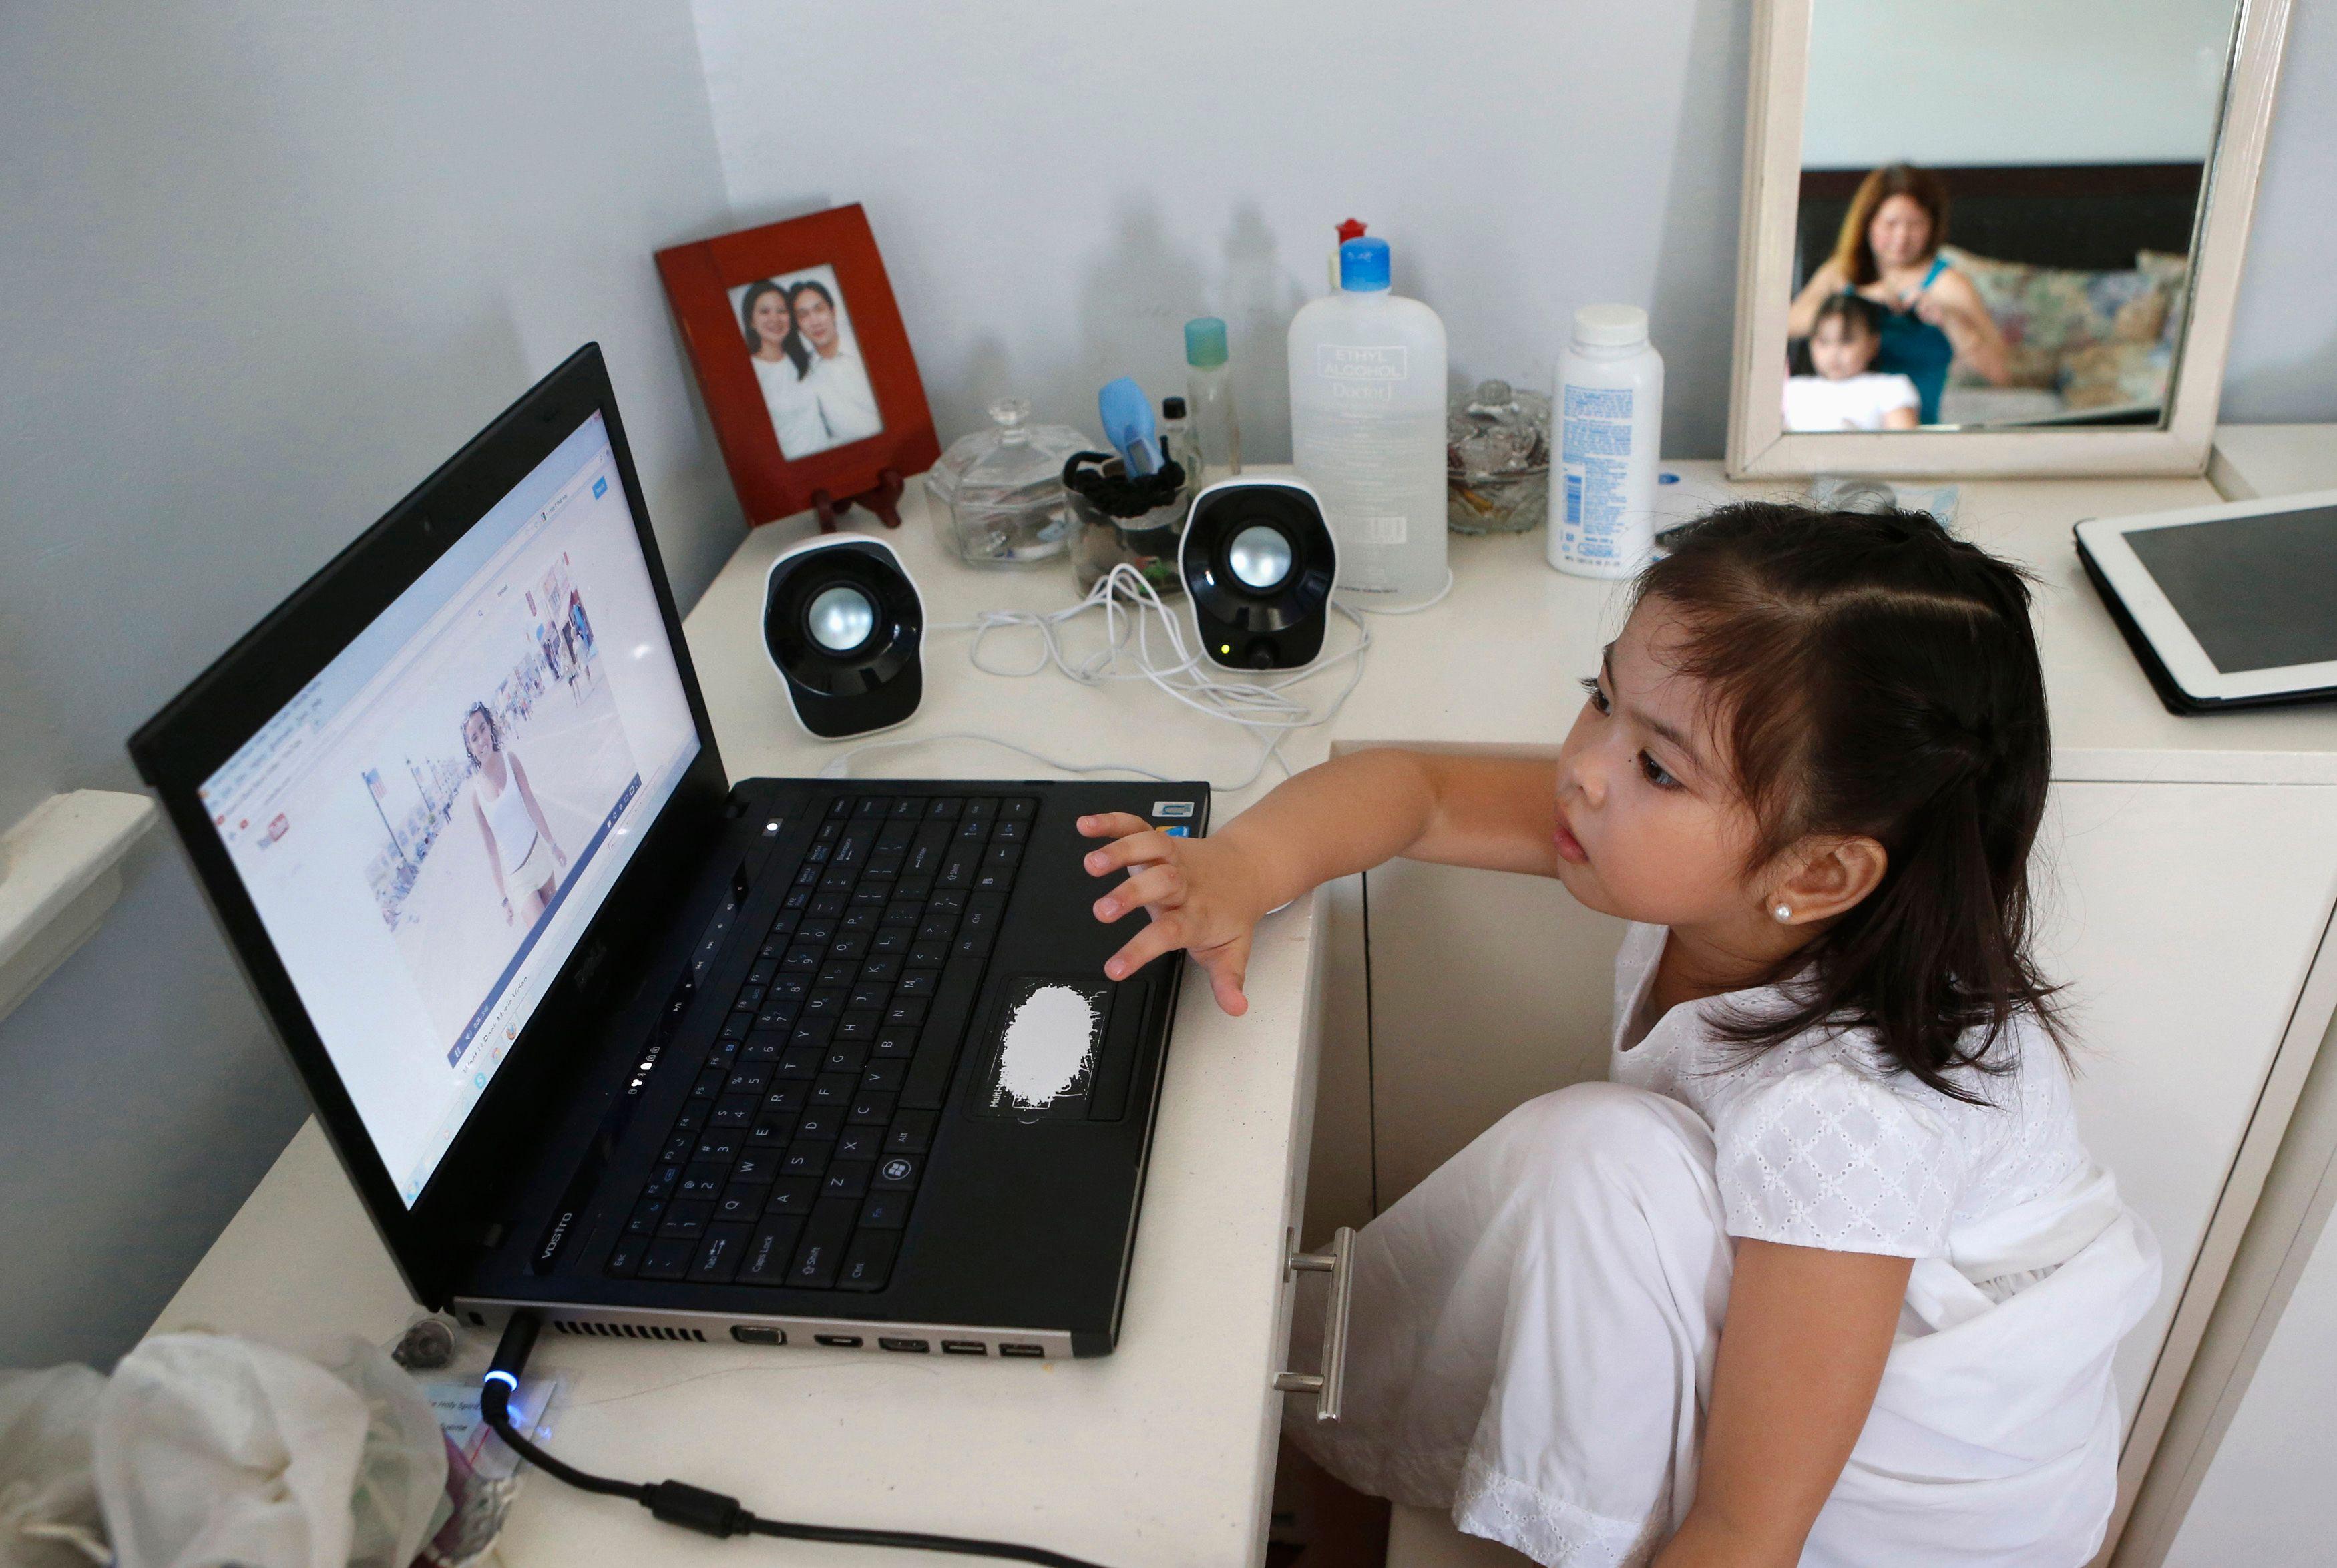 Le jeune enfant adore exercer sa motricité fine en manipulant les objets.